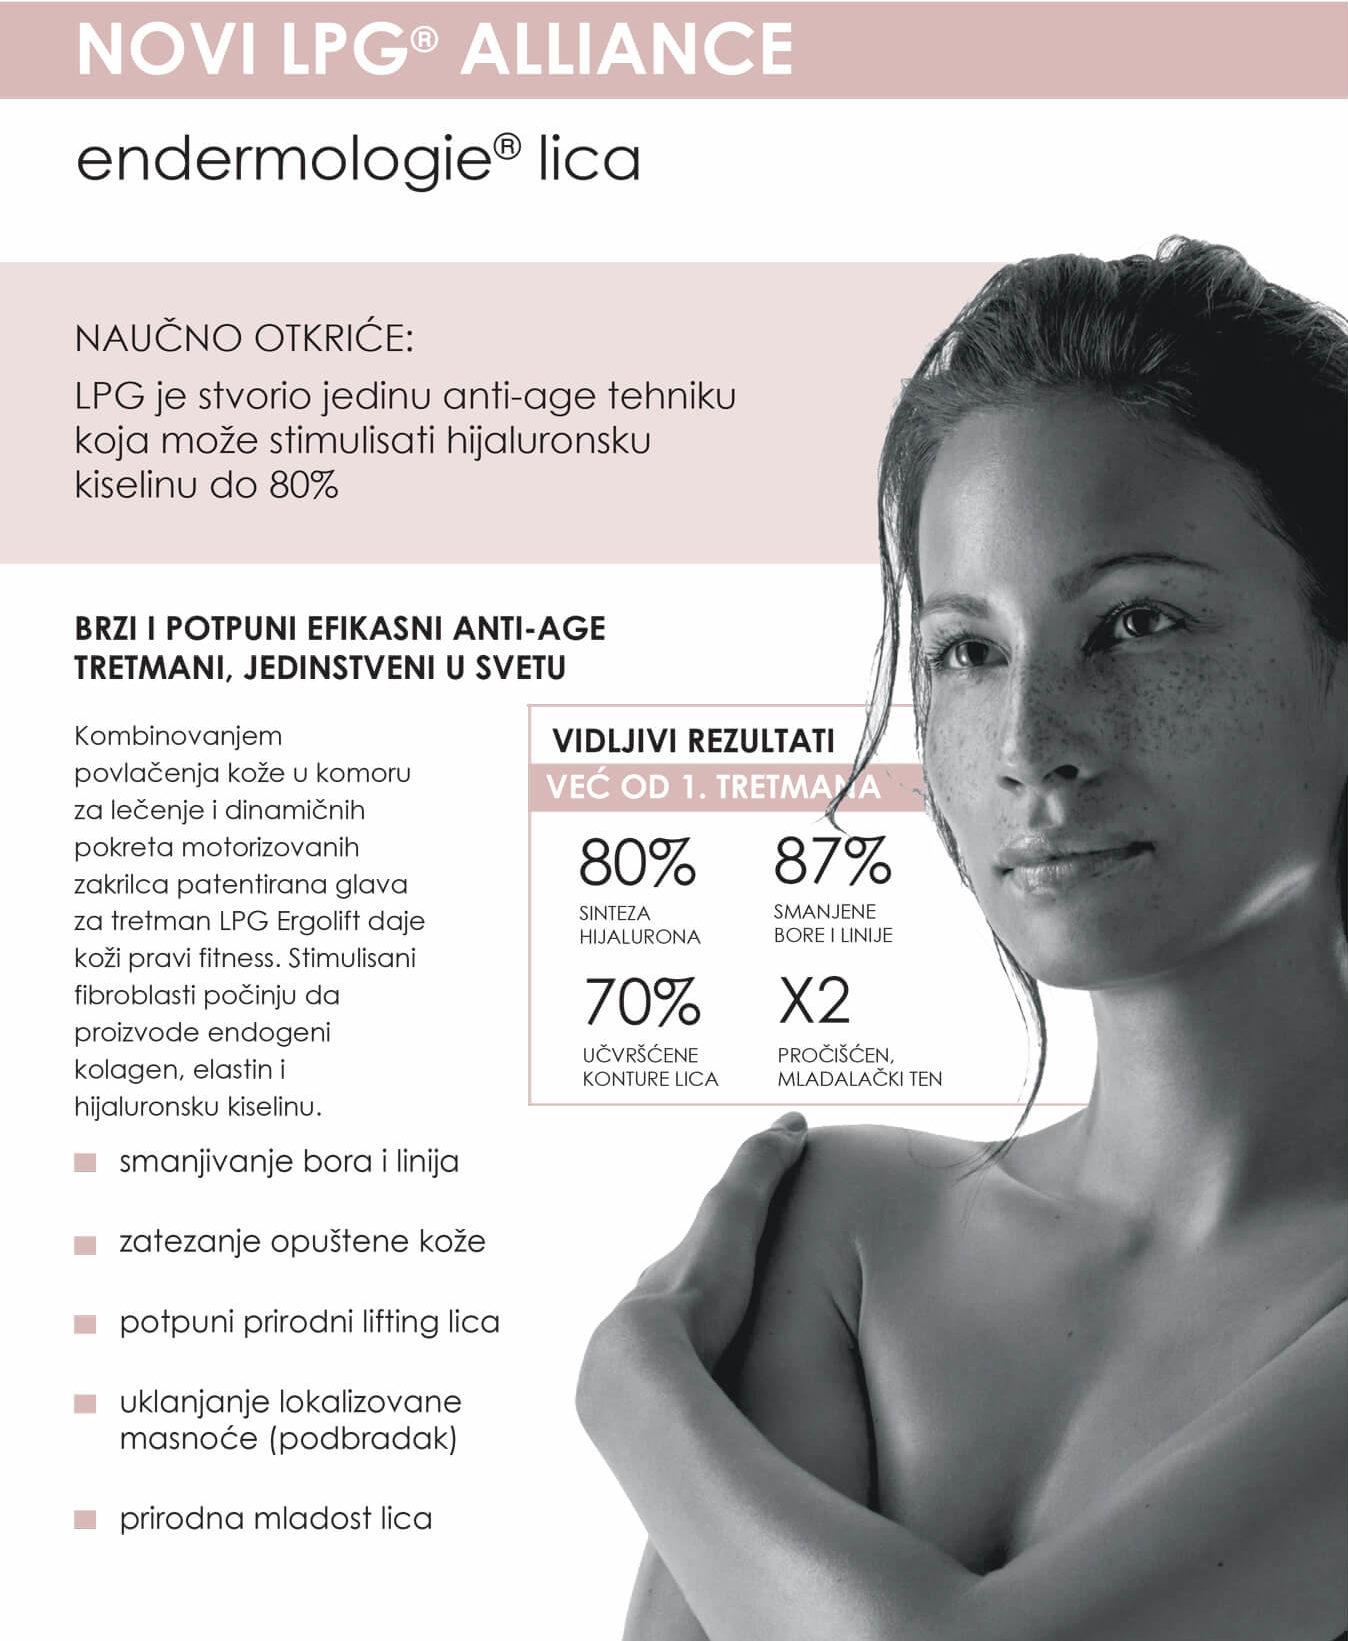 endermologija lica uz lpg tretman